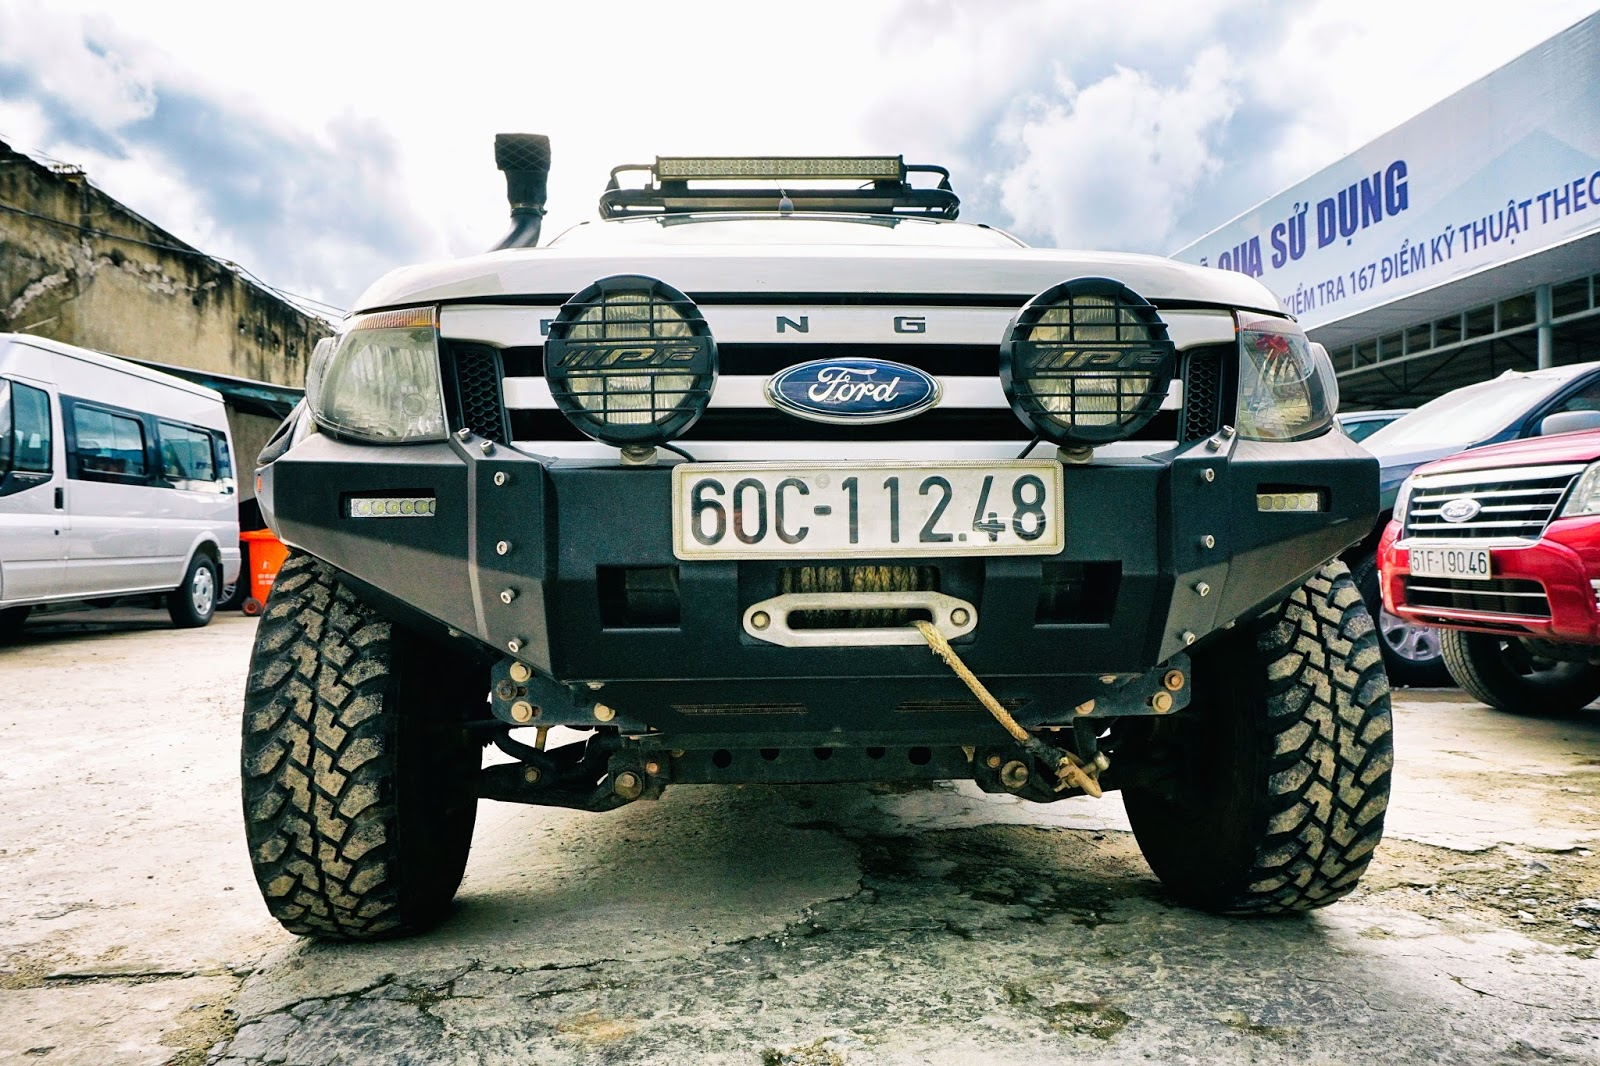 Đầu xe gia cố cường lực, hệ thống giảm xóc, lốp xe cũng được thay đổi